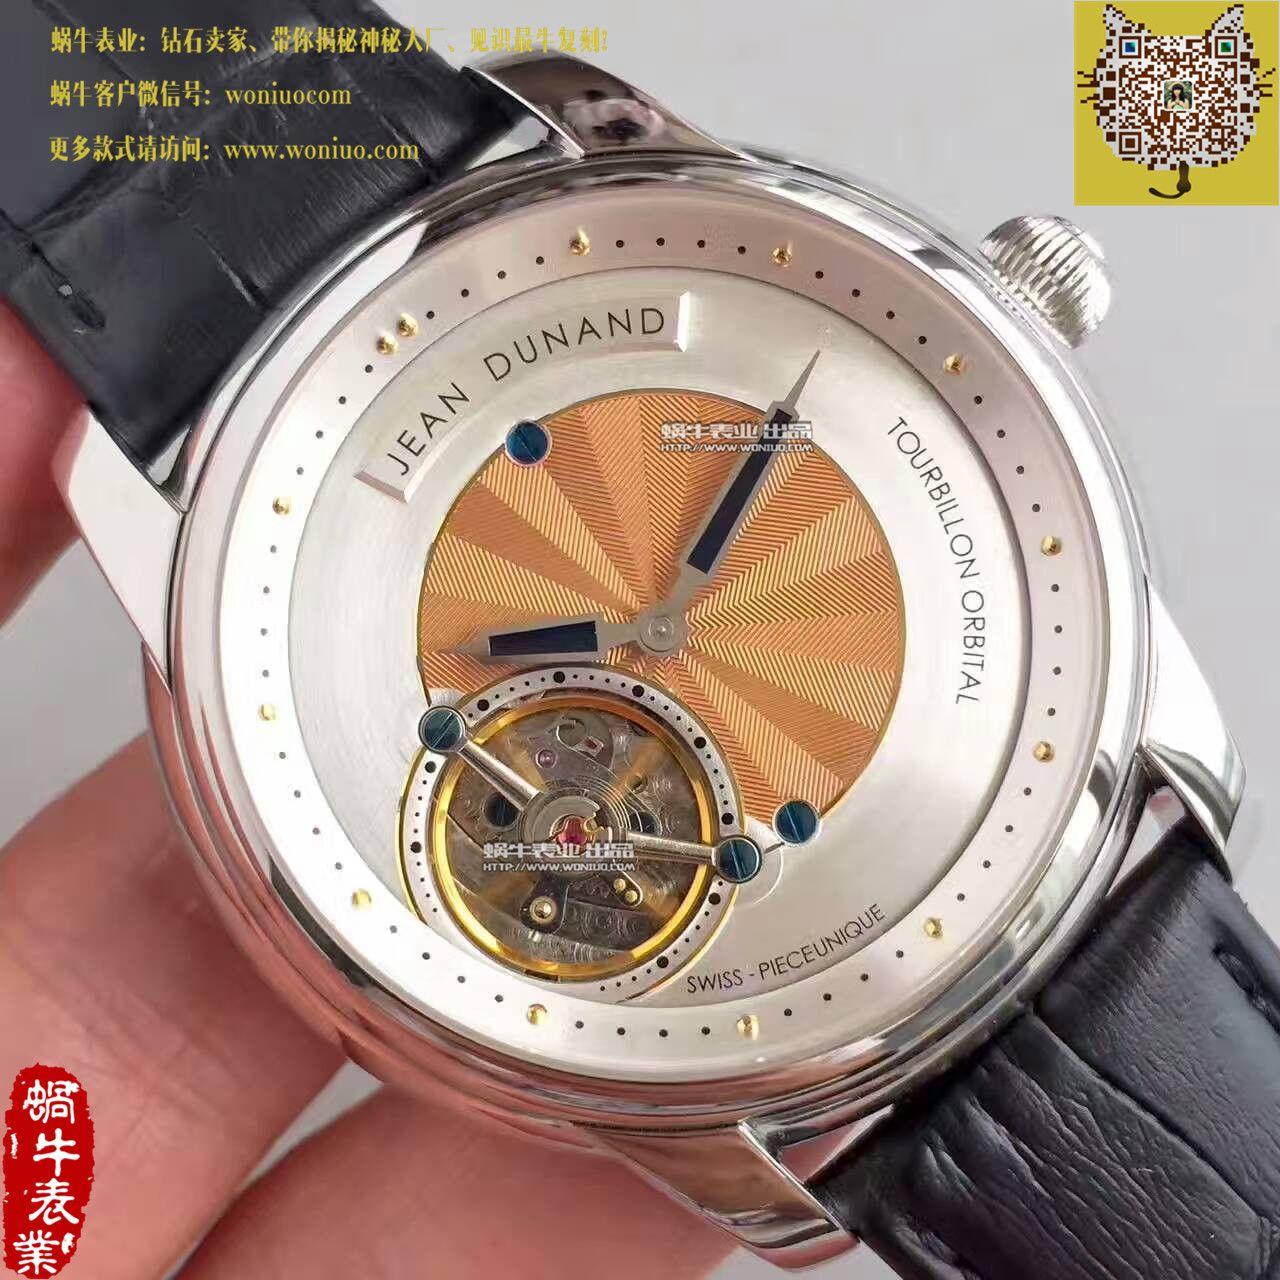 【轨道飞轮】复刻界的又一神作!尊皇轨道陀飞轮腕表 / ZH02